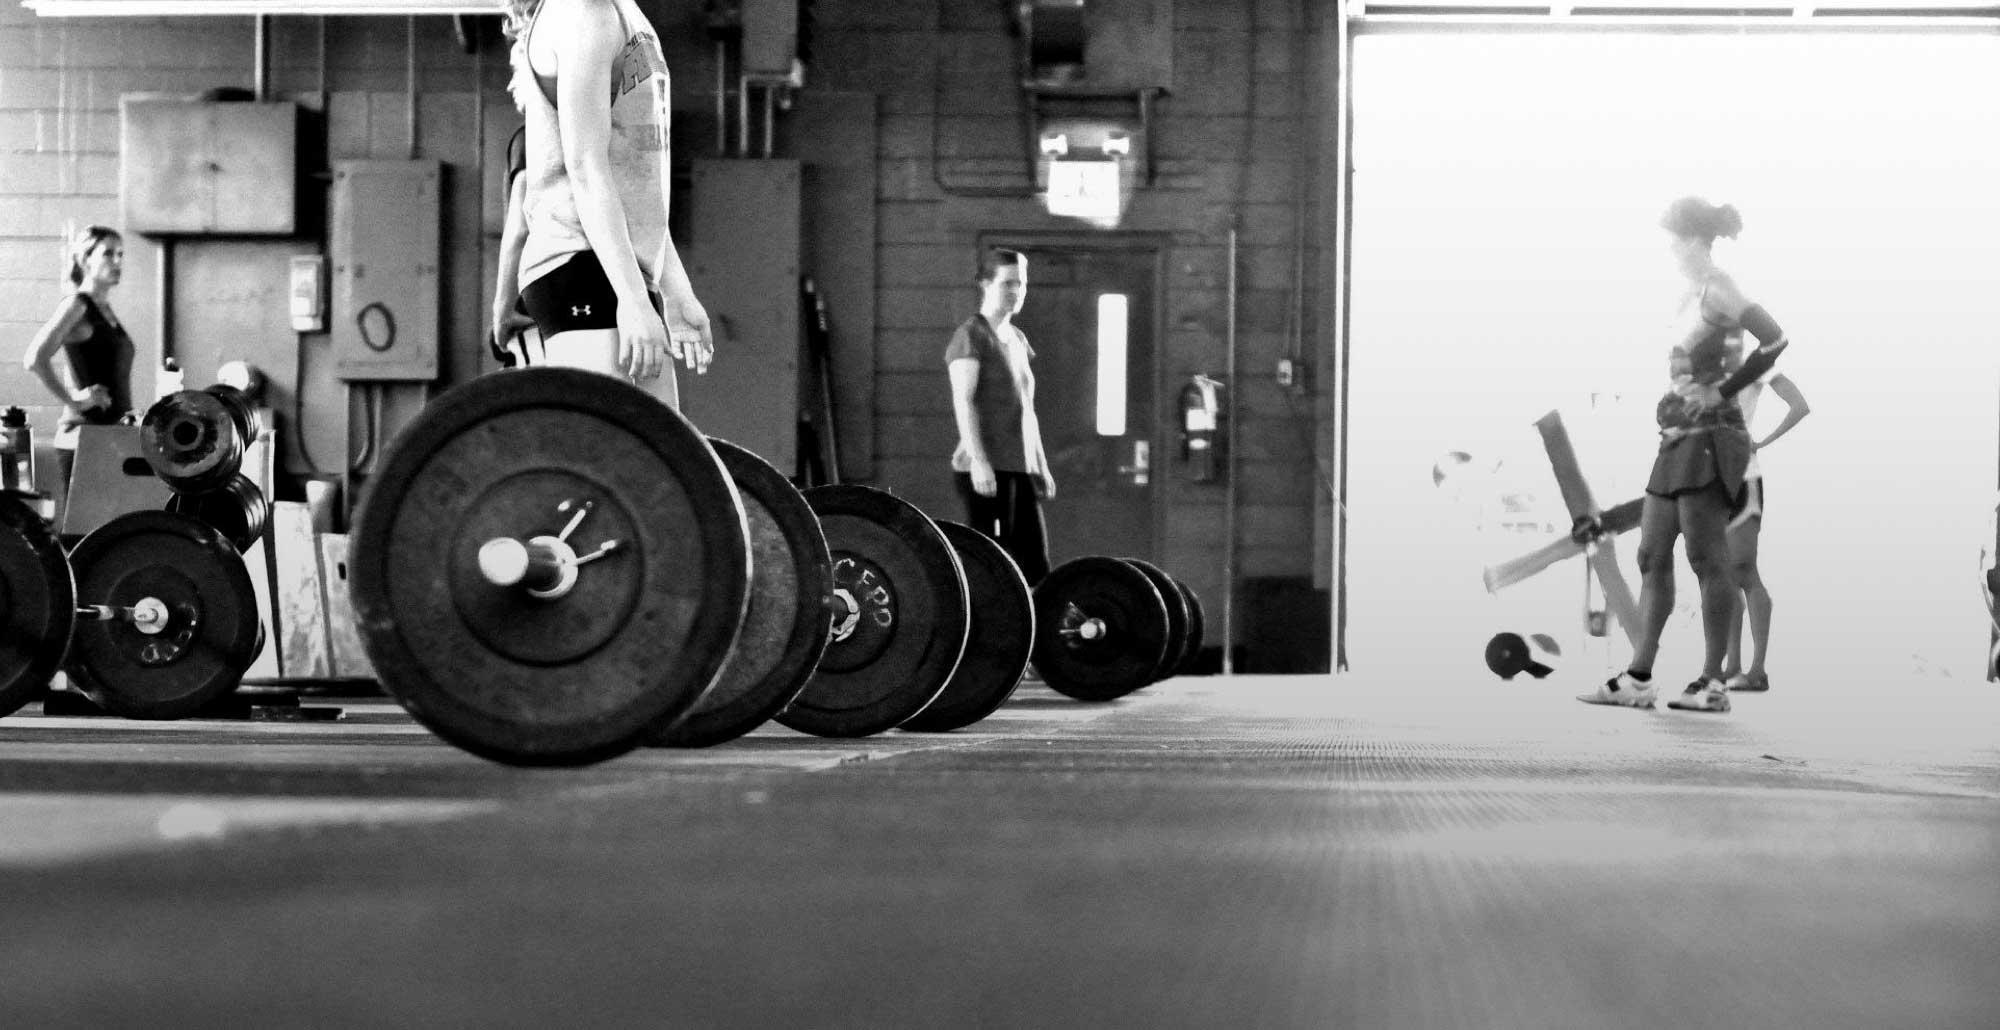 Top crossfit gyms in cincinnati